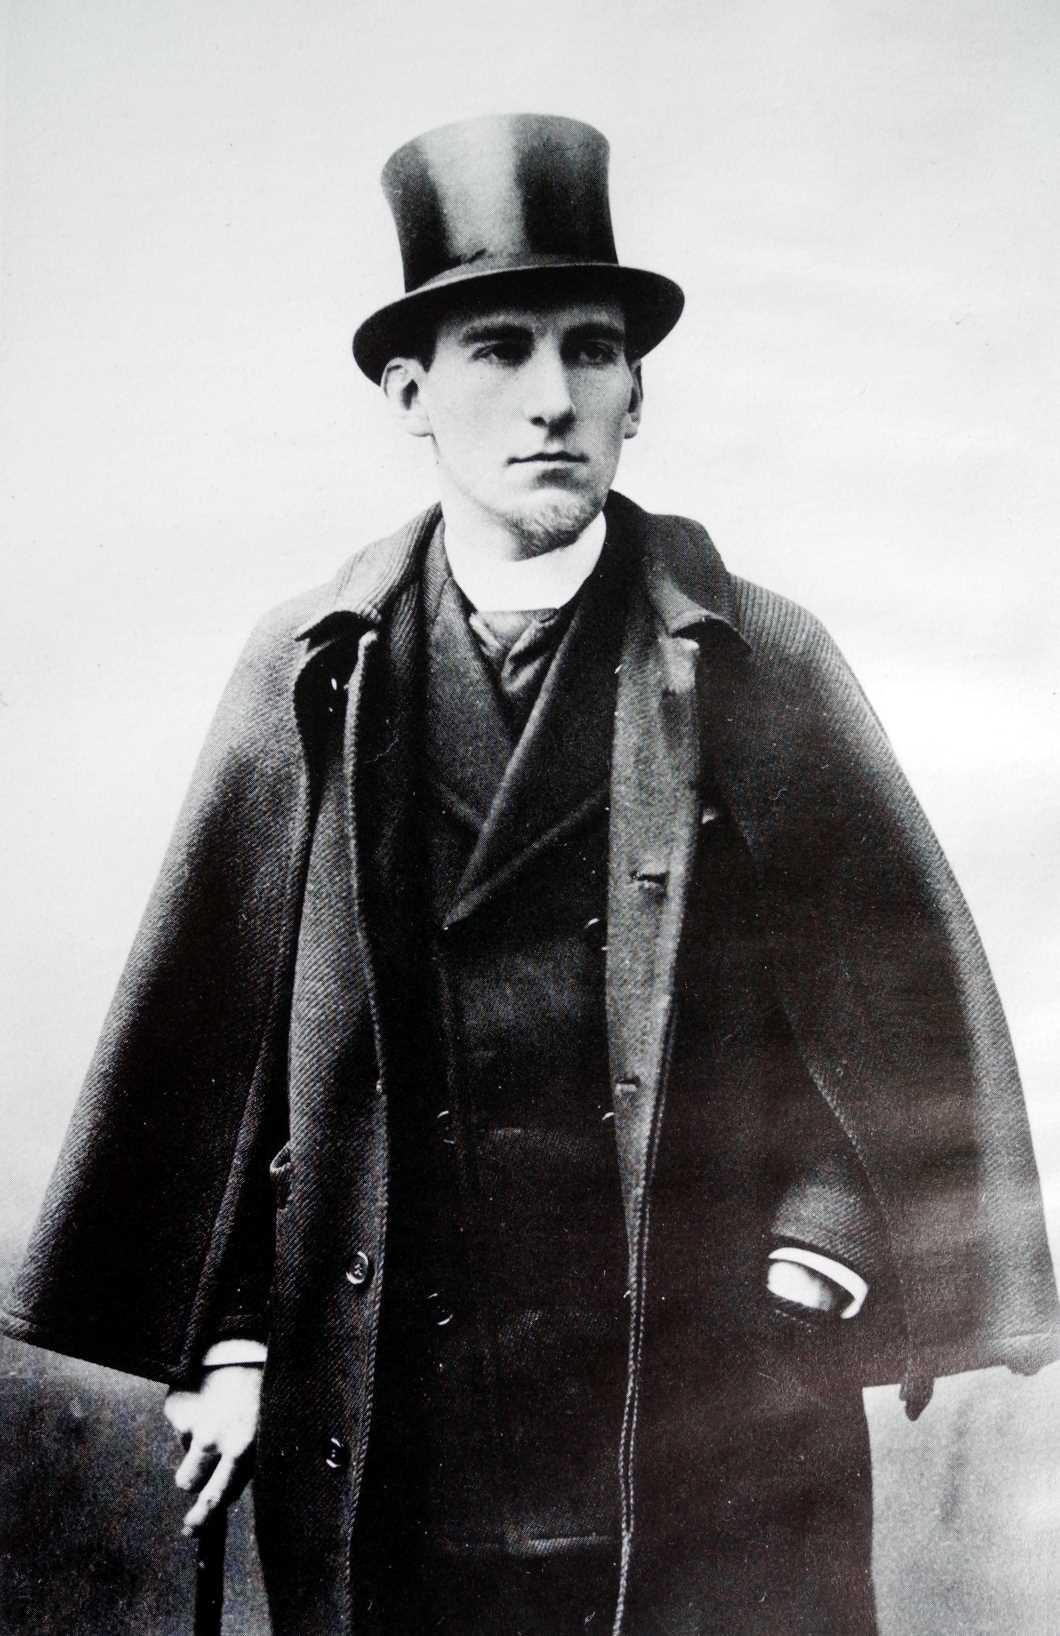 Félix Fénéon fotografiat per Paulhan (París, 1886)